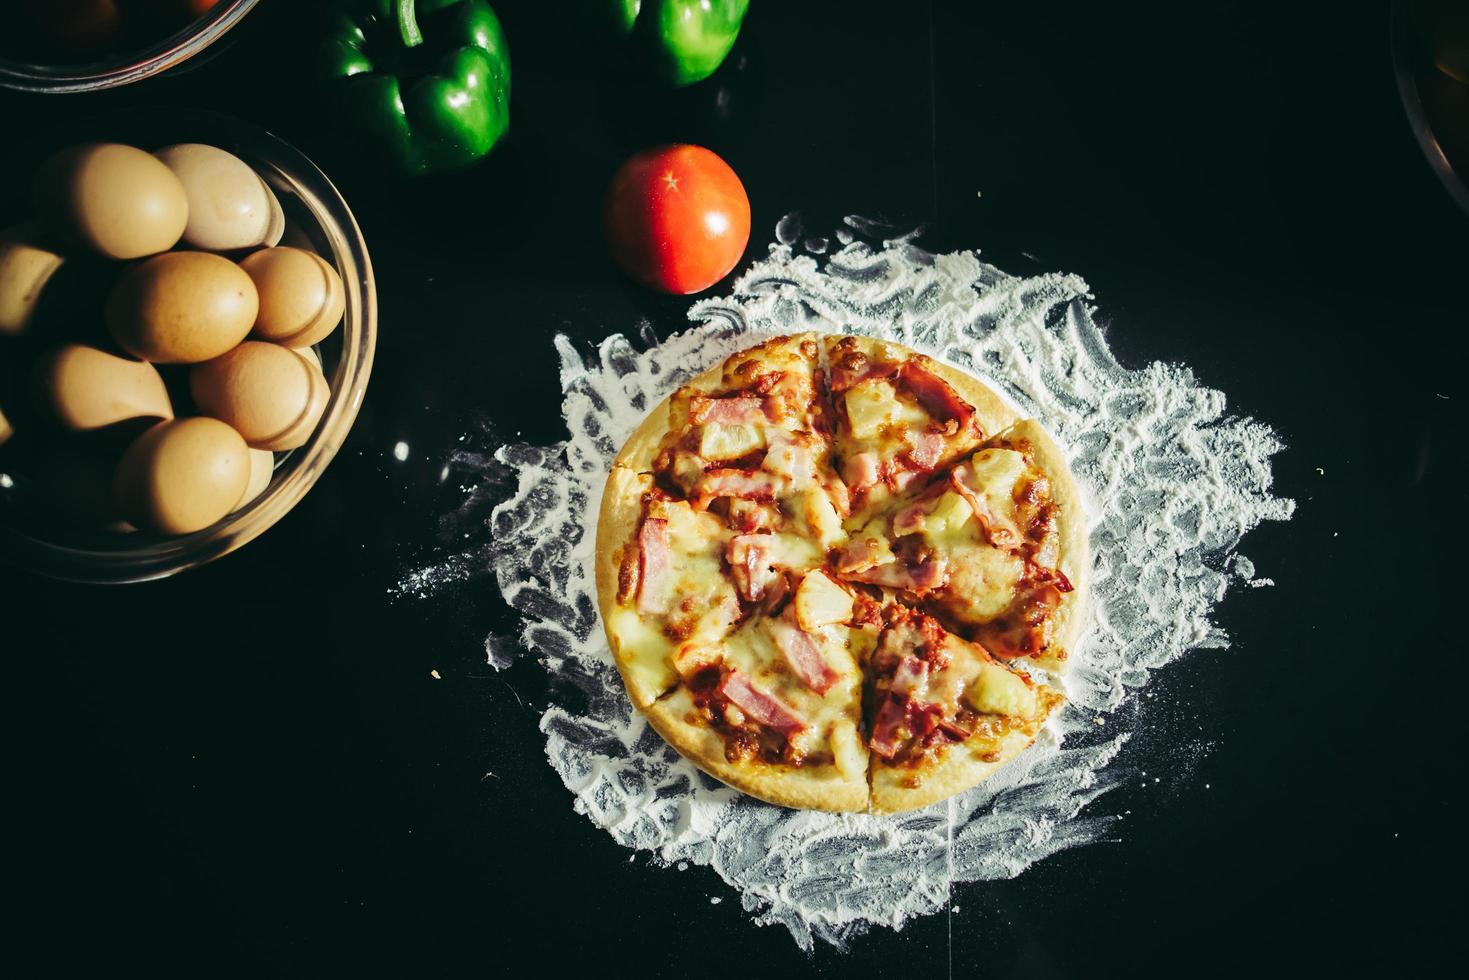 vista dall'alto della pizza fatta in casa foto